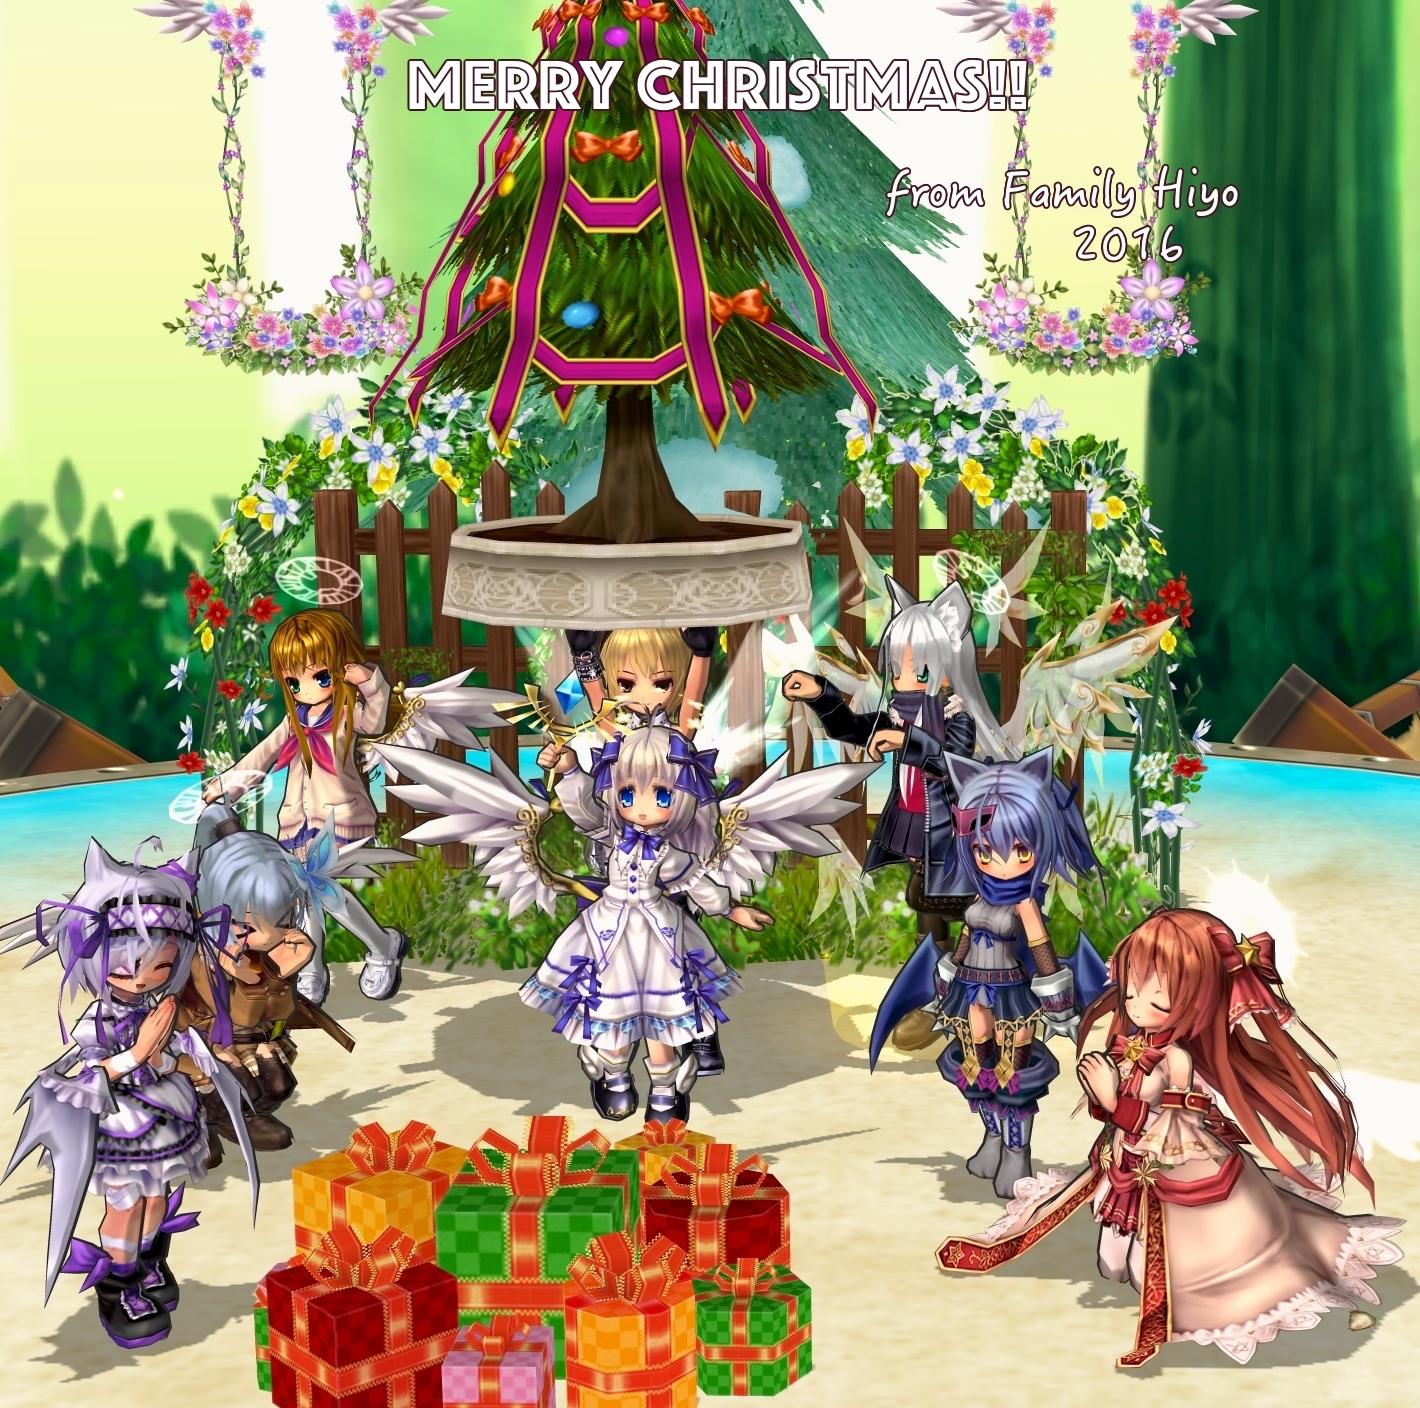 クリスマスSS2016